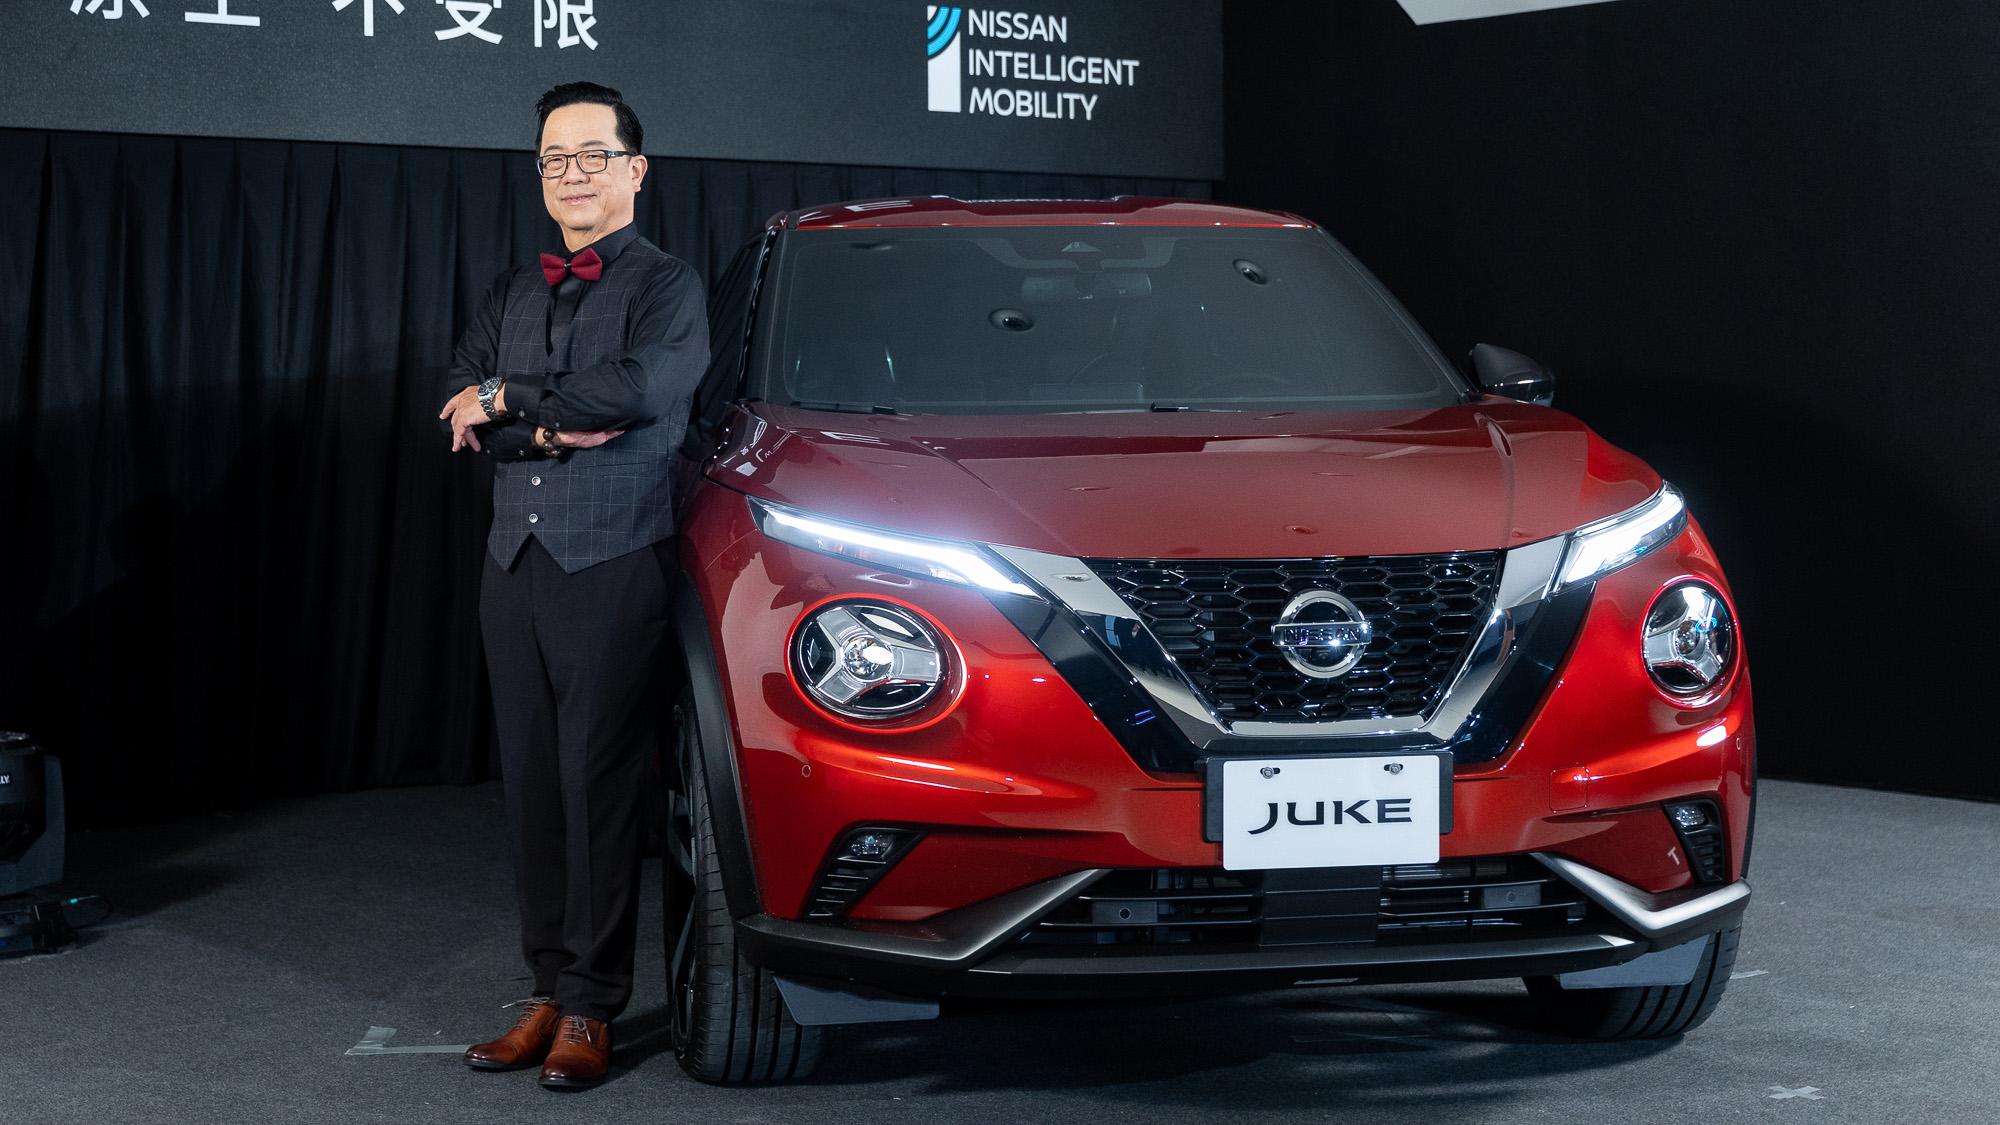 百萬內英倫跑旅 Nissan Juke 86.9 萬元起登場,頂規限量百台免費升級